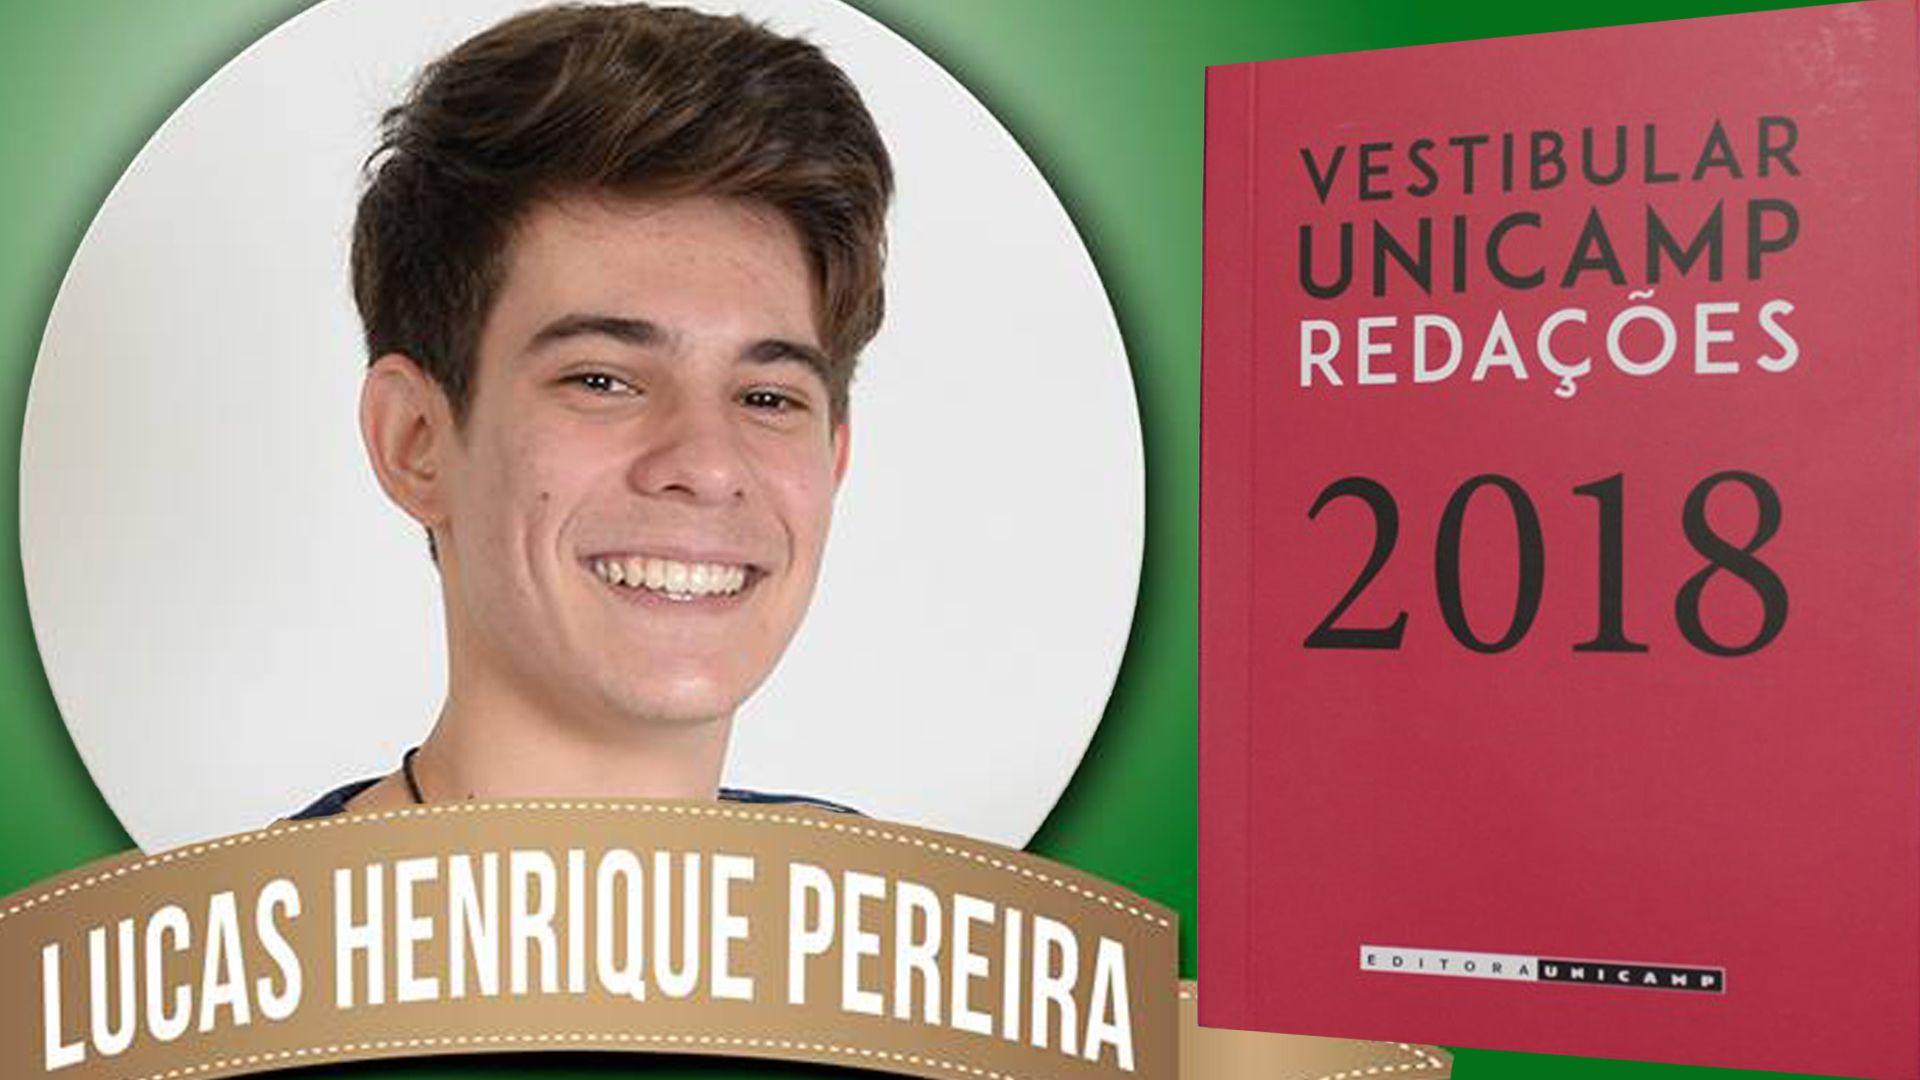 Aluno do Colégio Santa Úrsula é destaque em redação do vestibular Unicamp